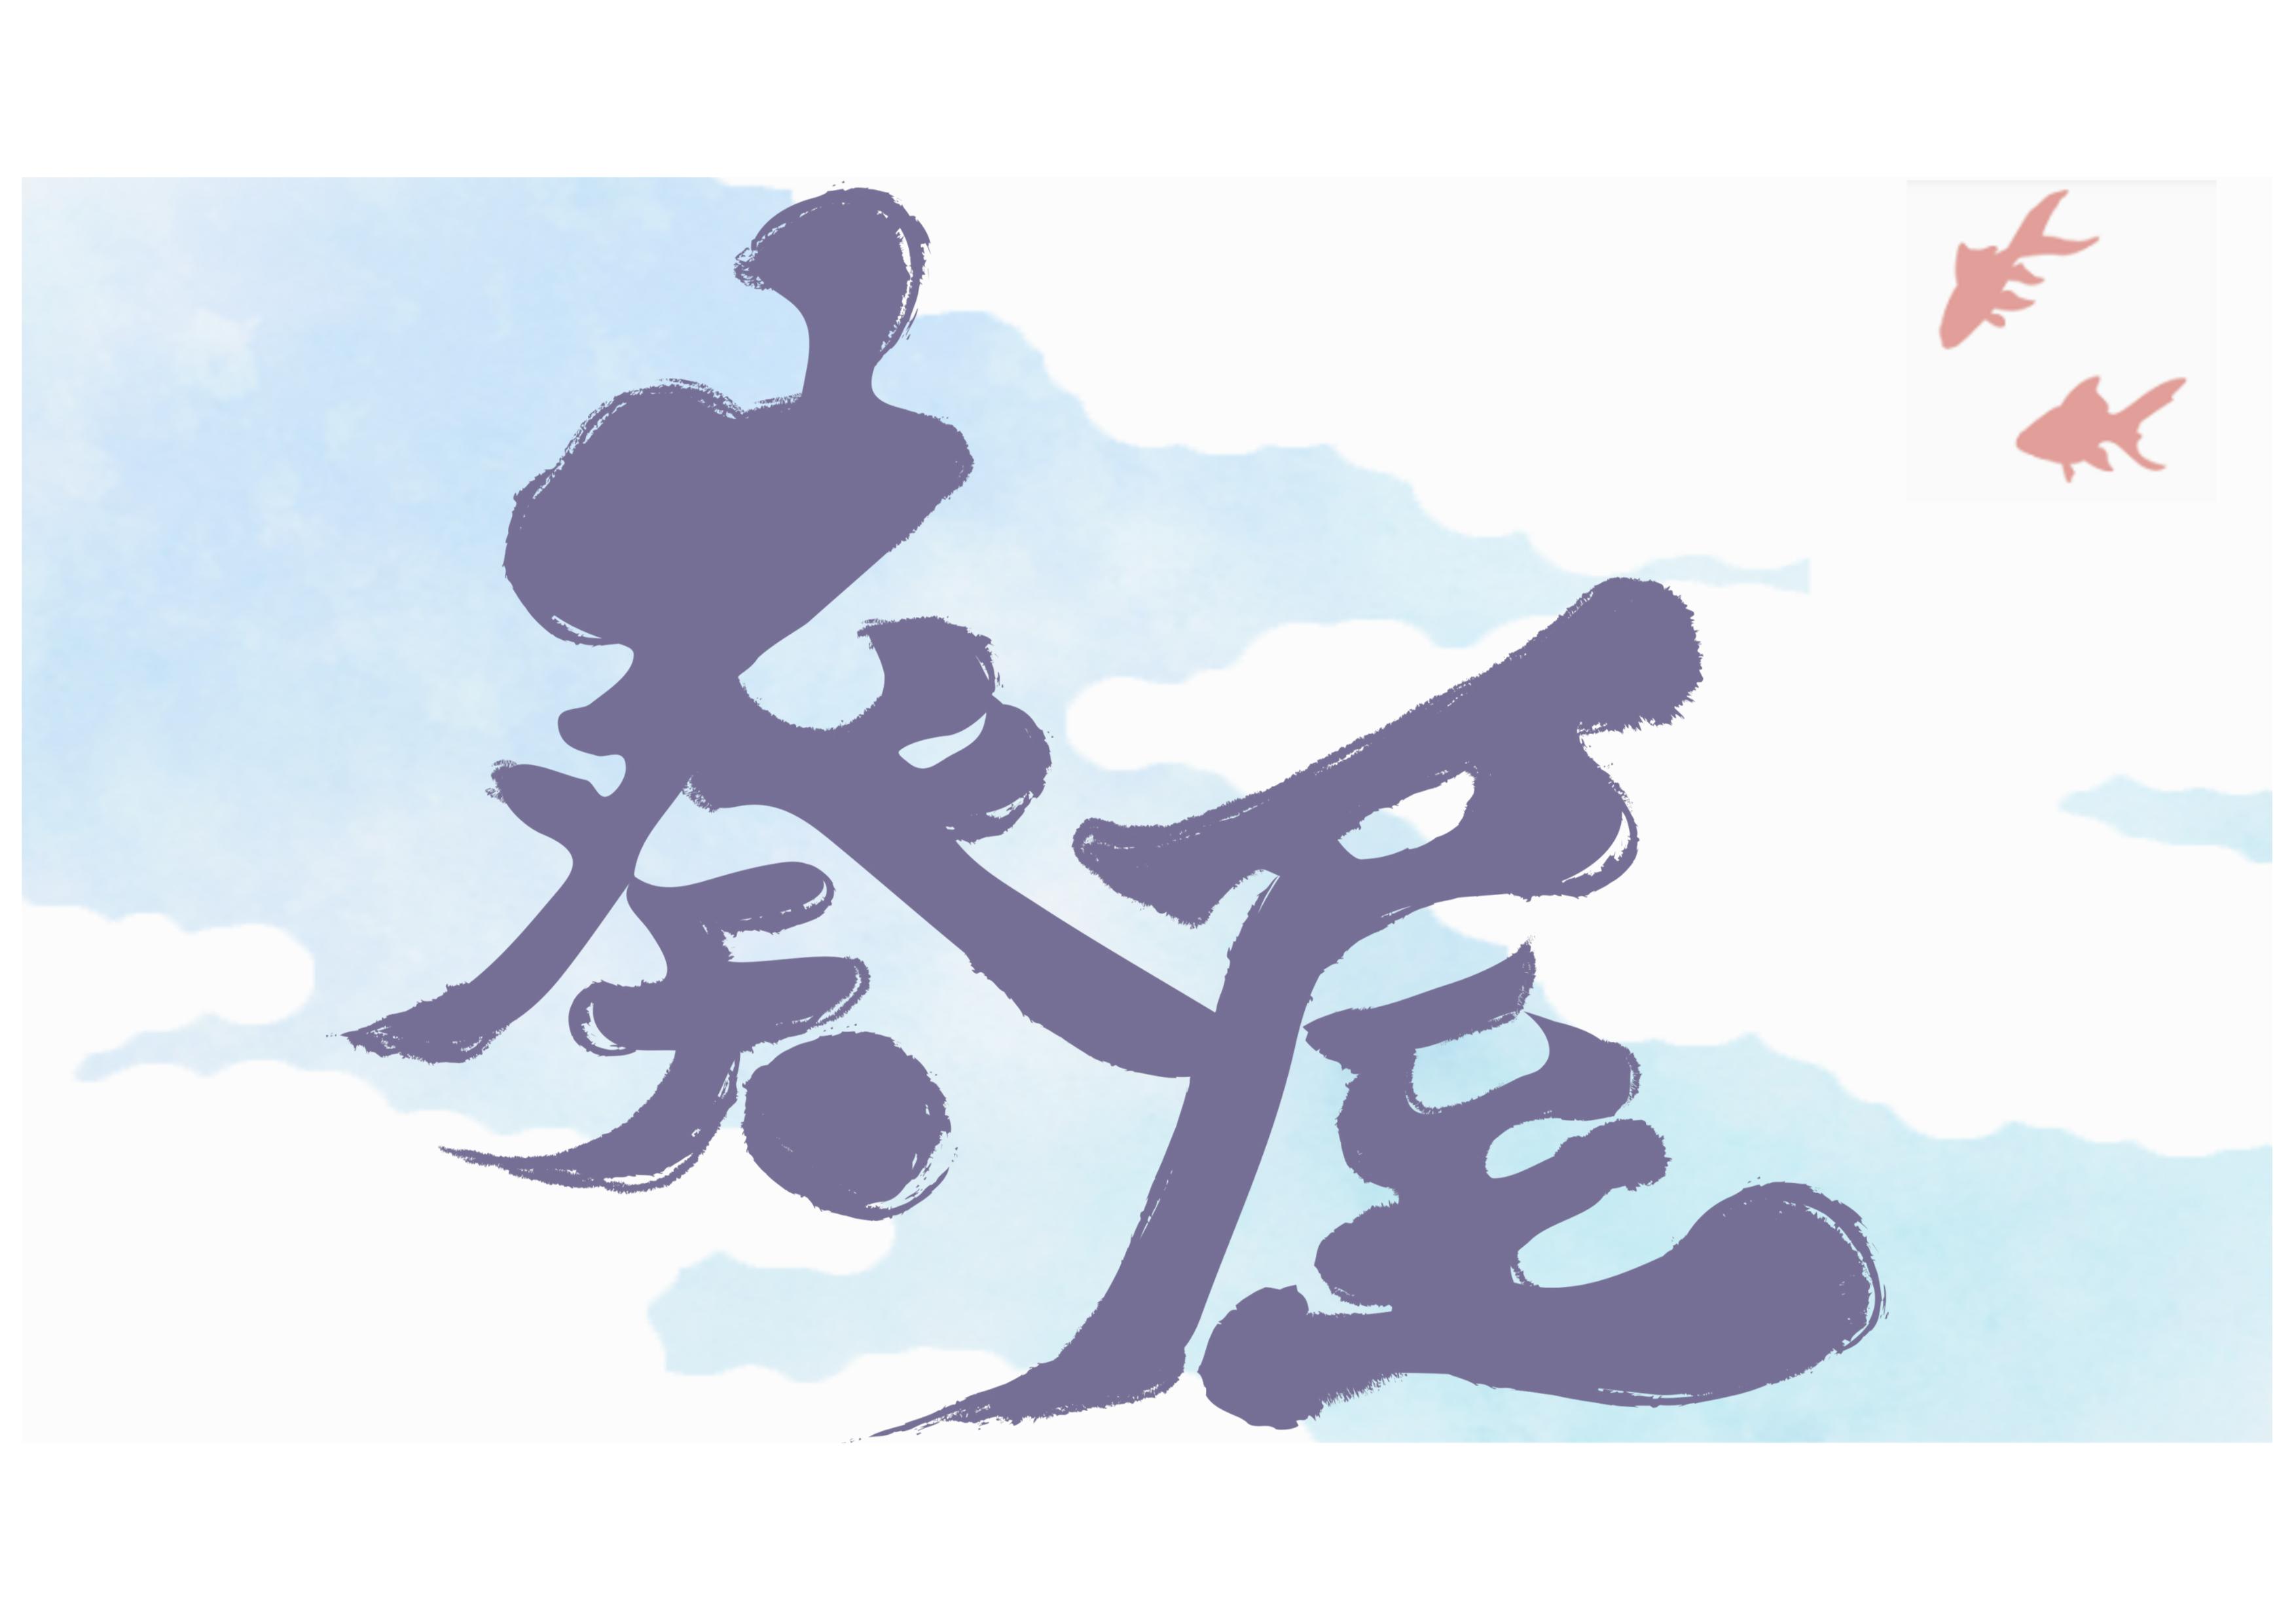 葵屋株式会社の企業ロゴ